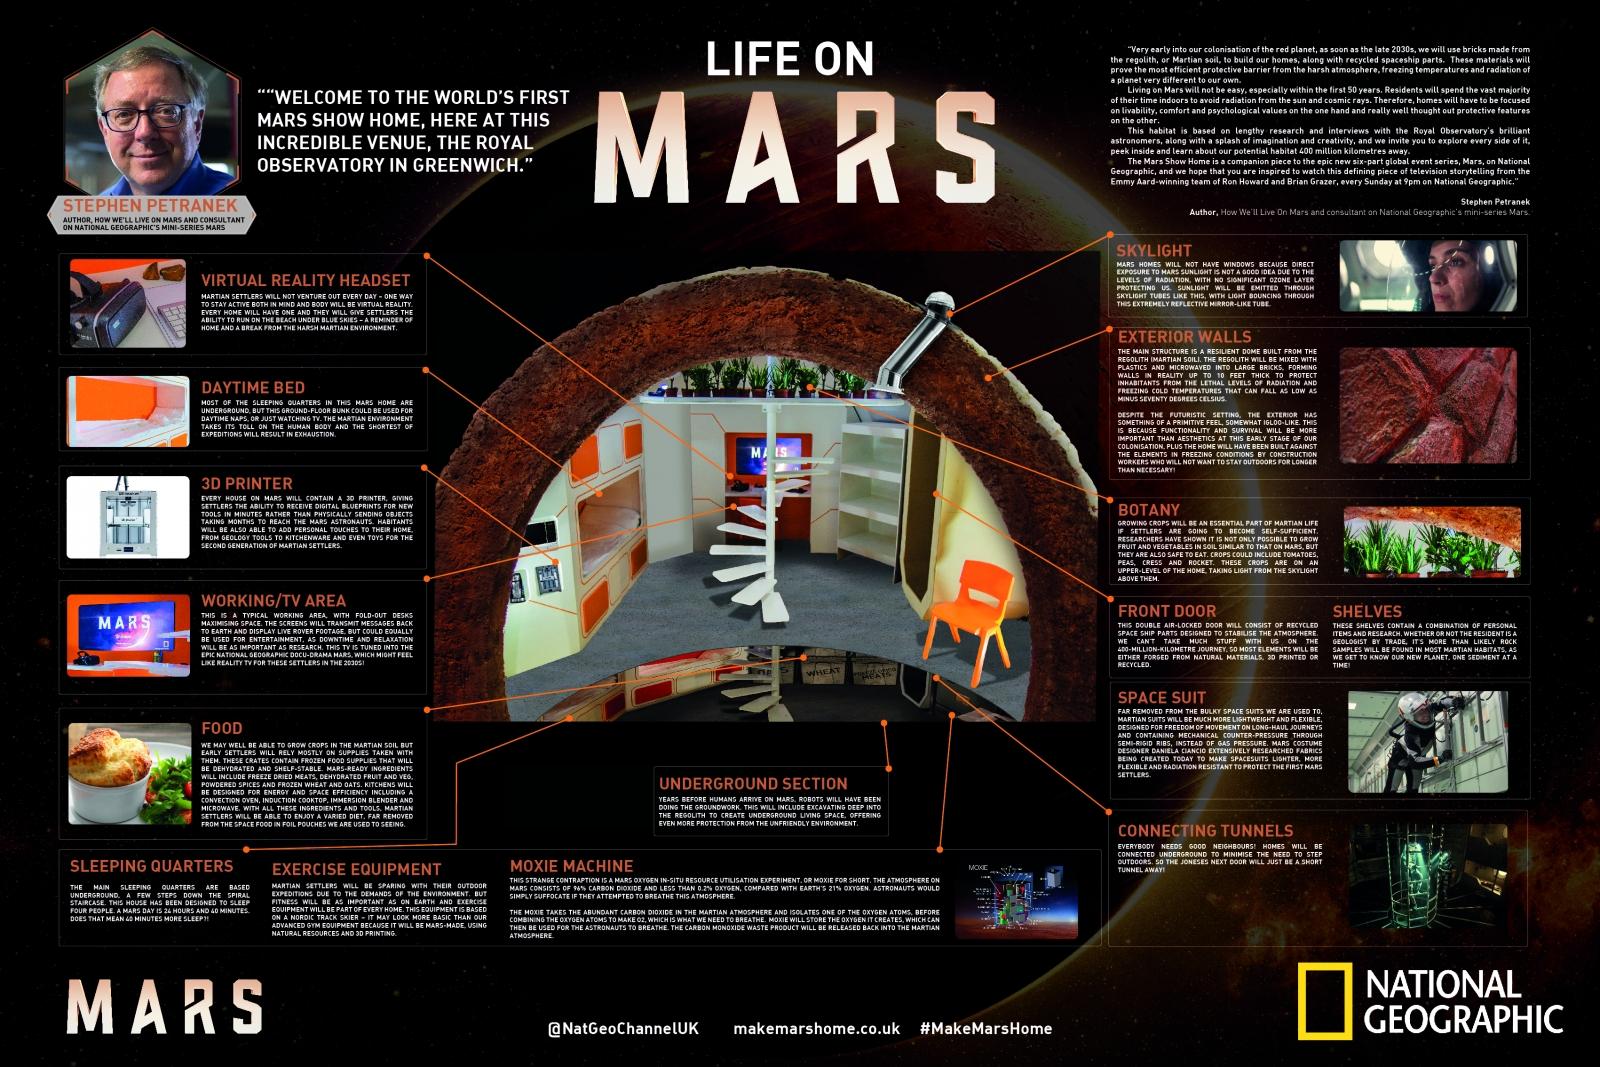 Martian home